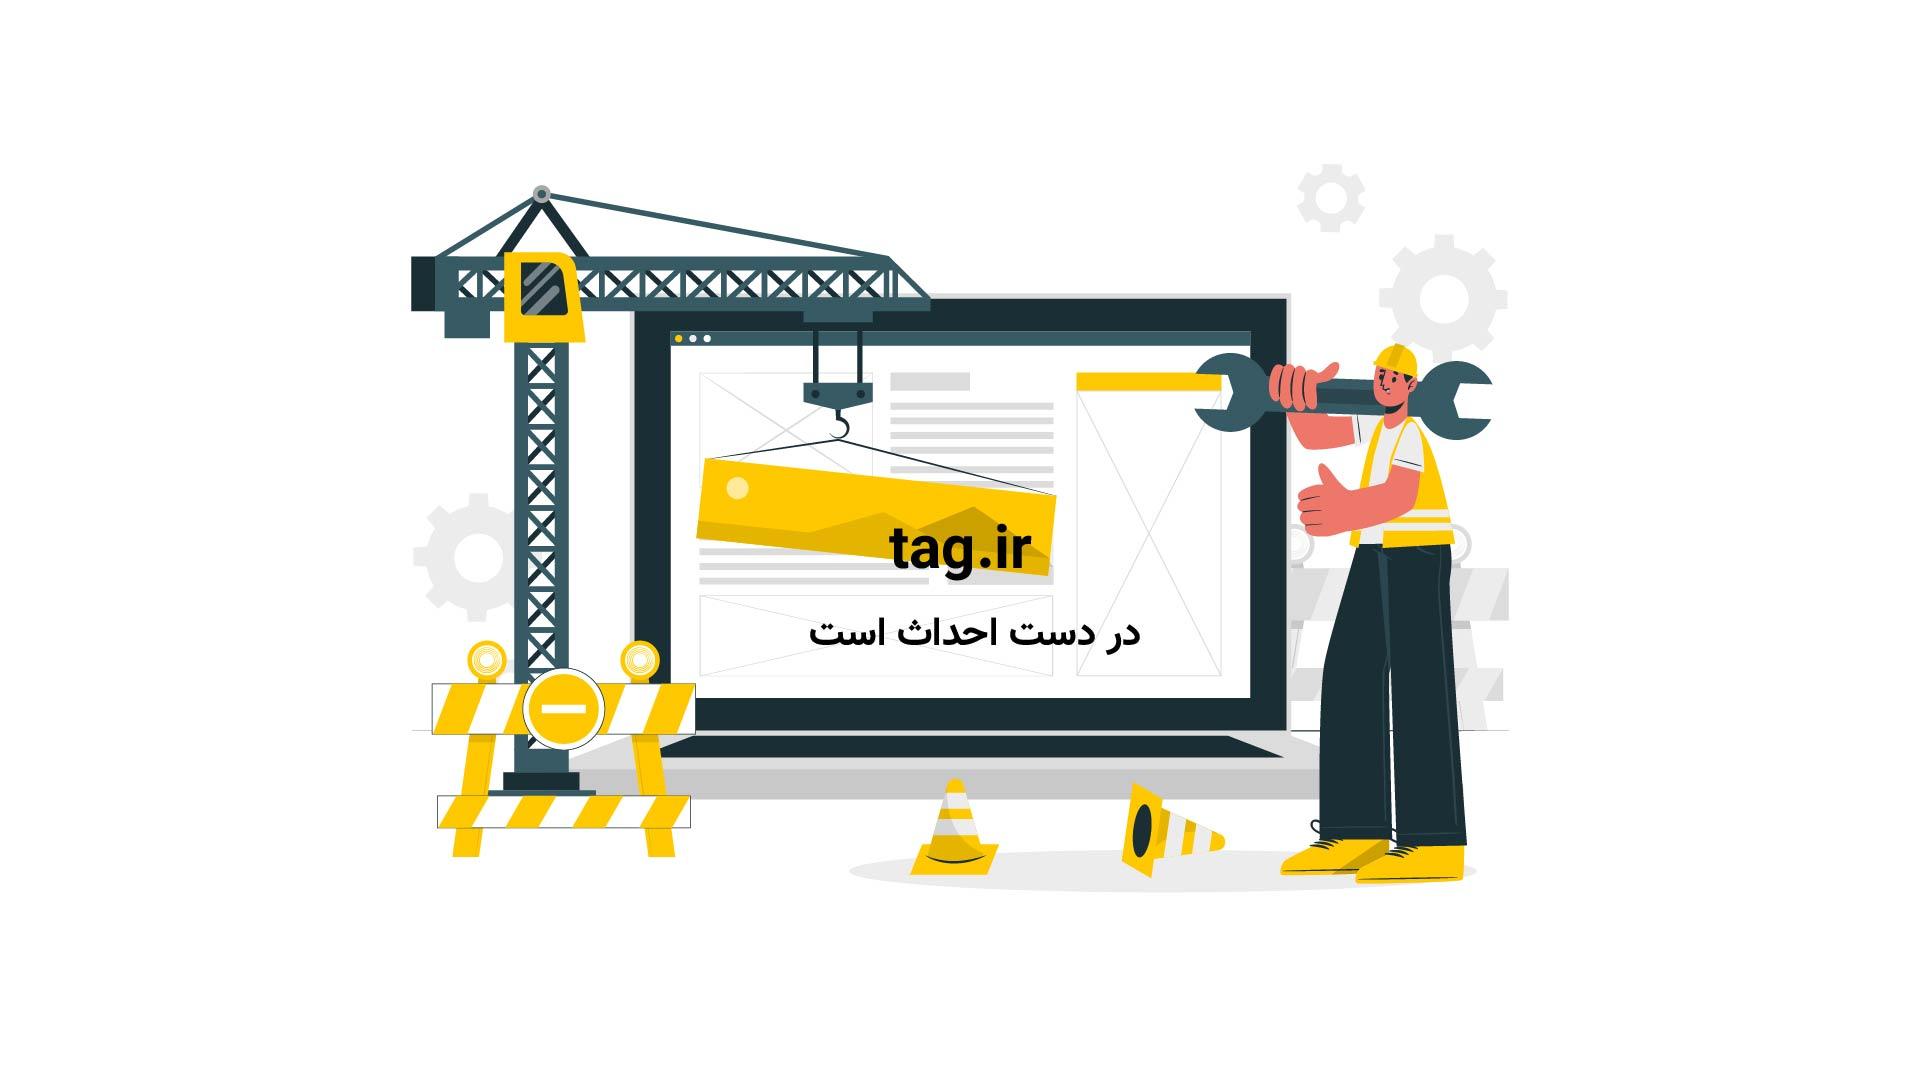 حمله یک جوان با خودرو